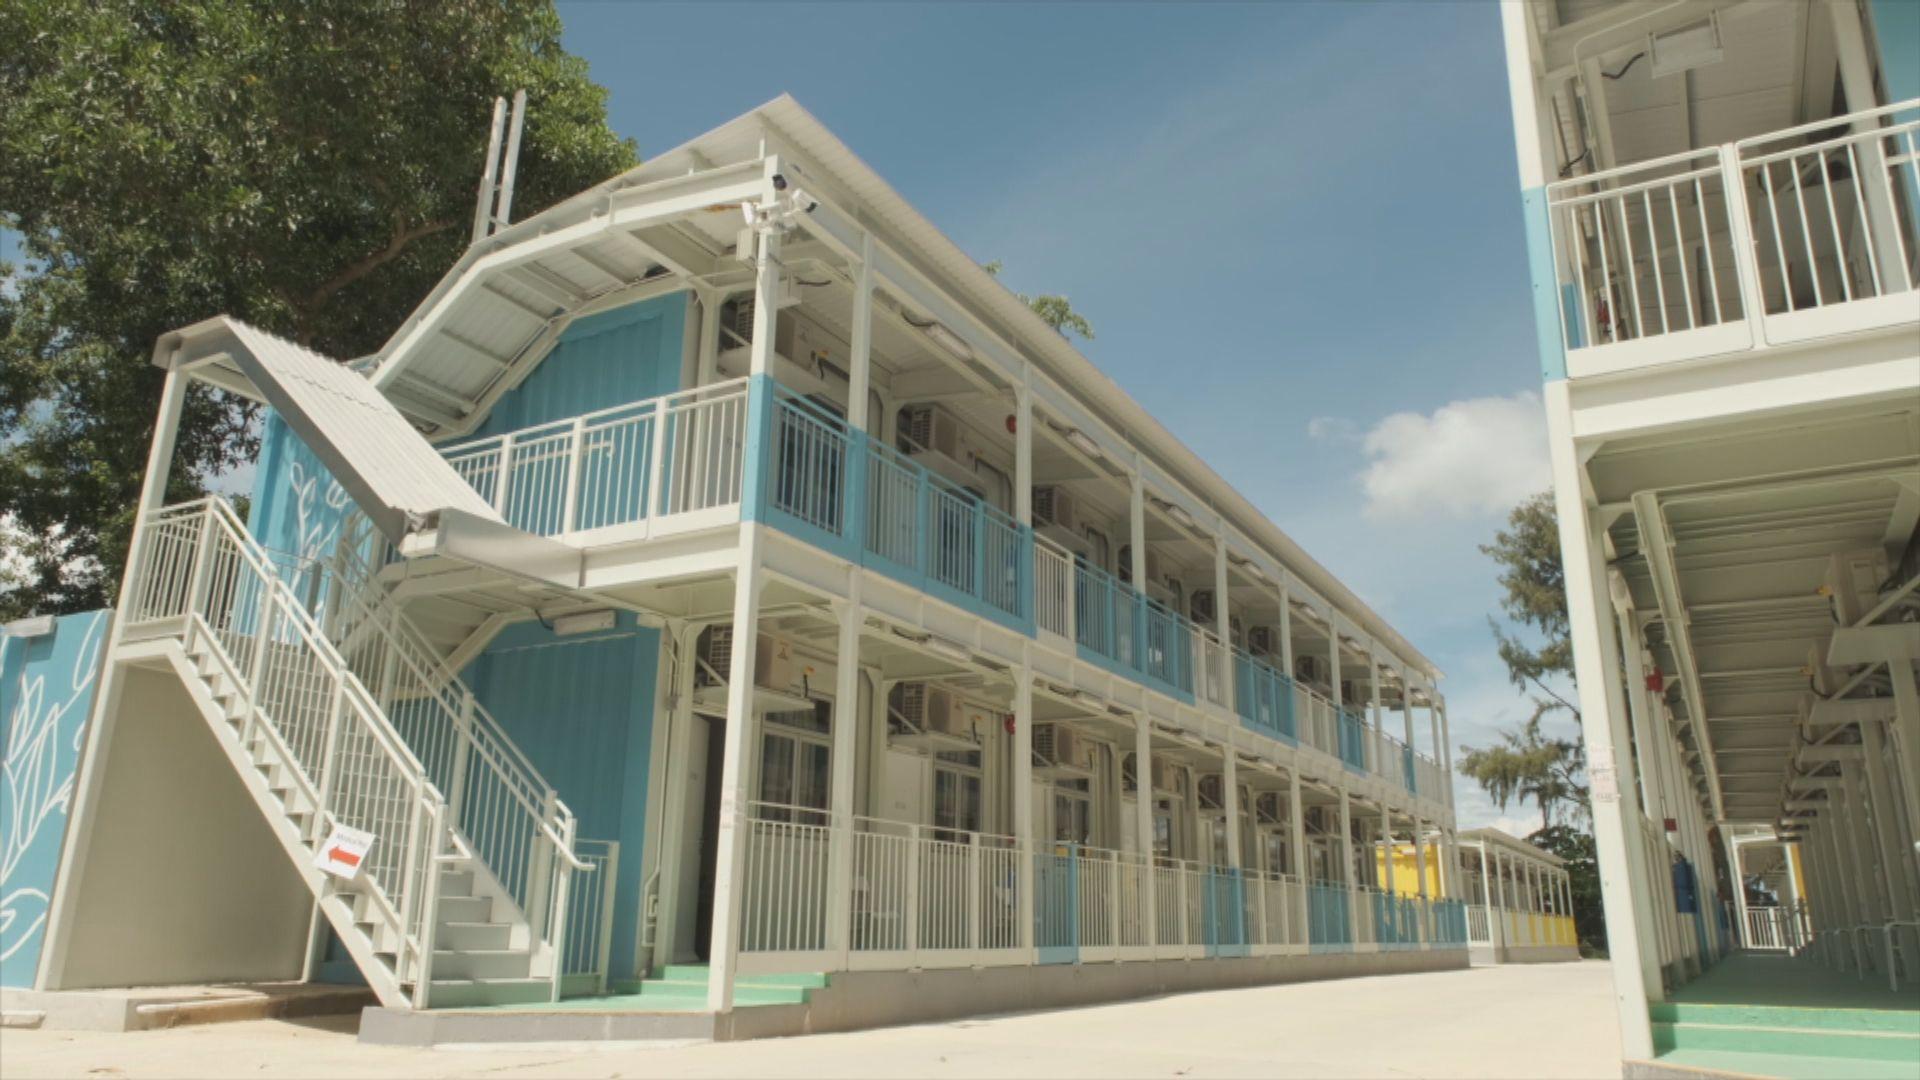 鯉魚門度假村今接收25名新冠病毒患者隔離